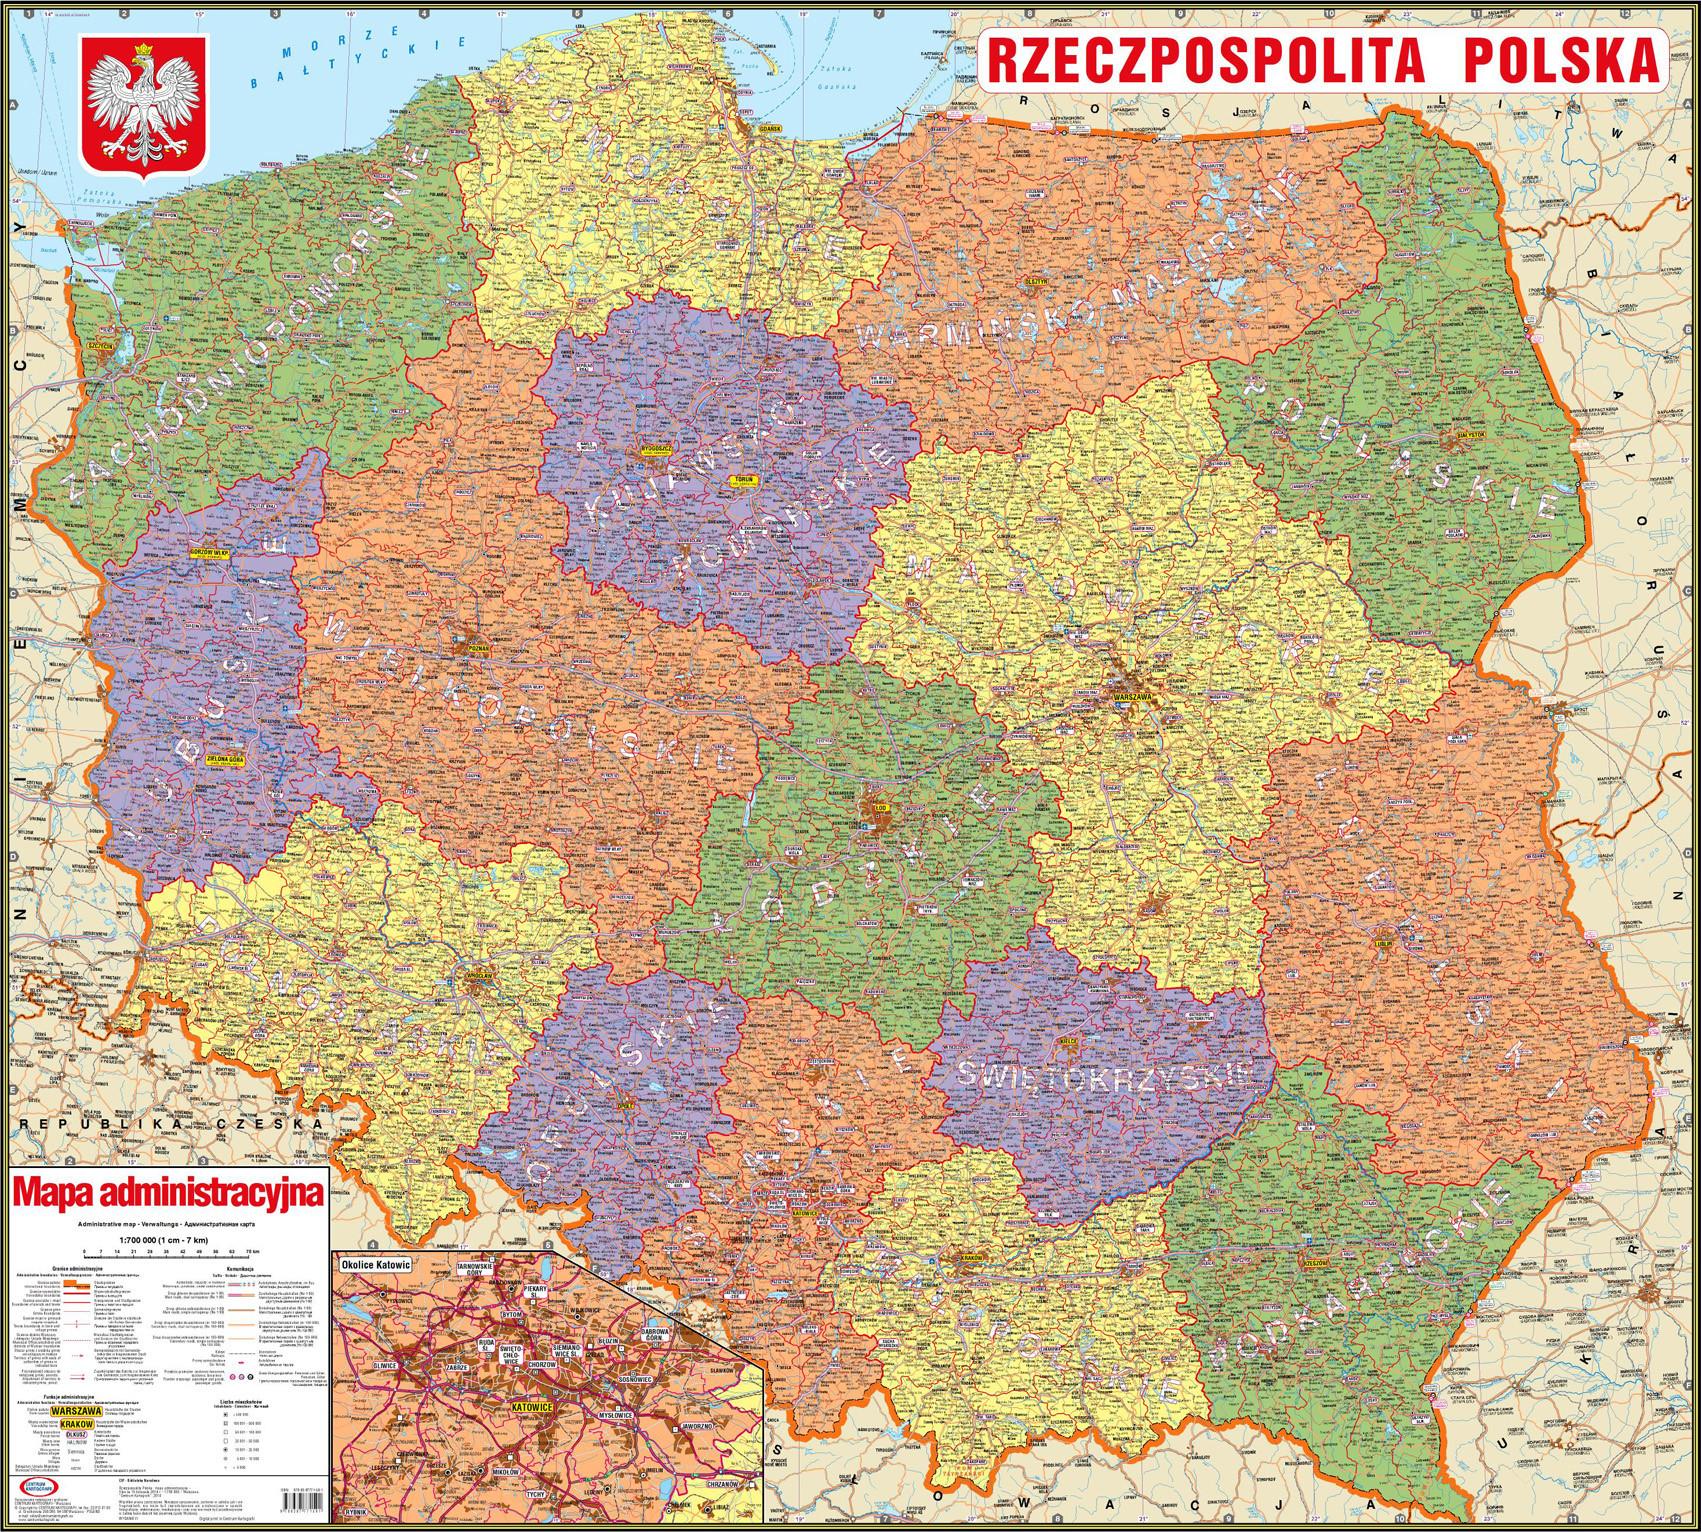 Rzeczpospolita Polska Mapa Administracyjna Centrum Kartografii